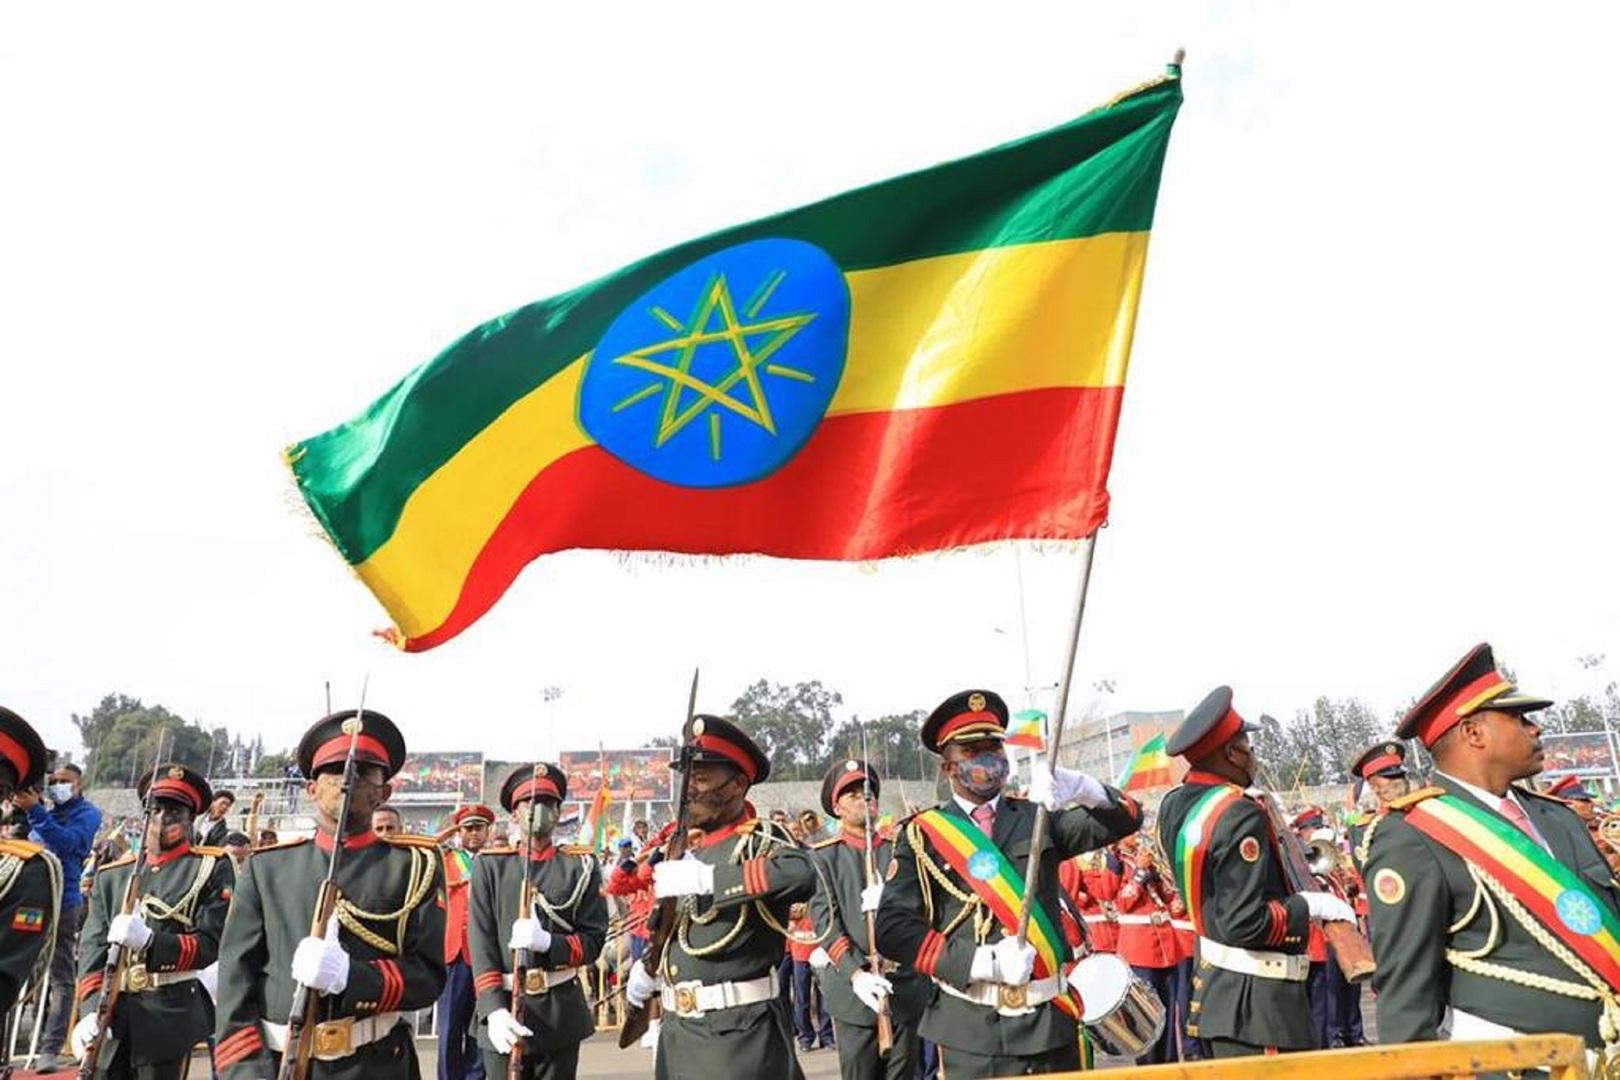 إثيوبيا تغلق سفارتها في الجزائر